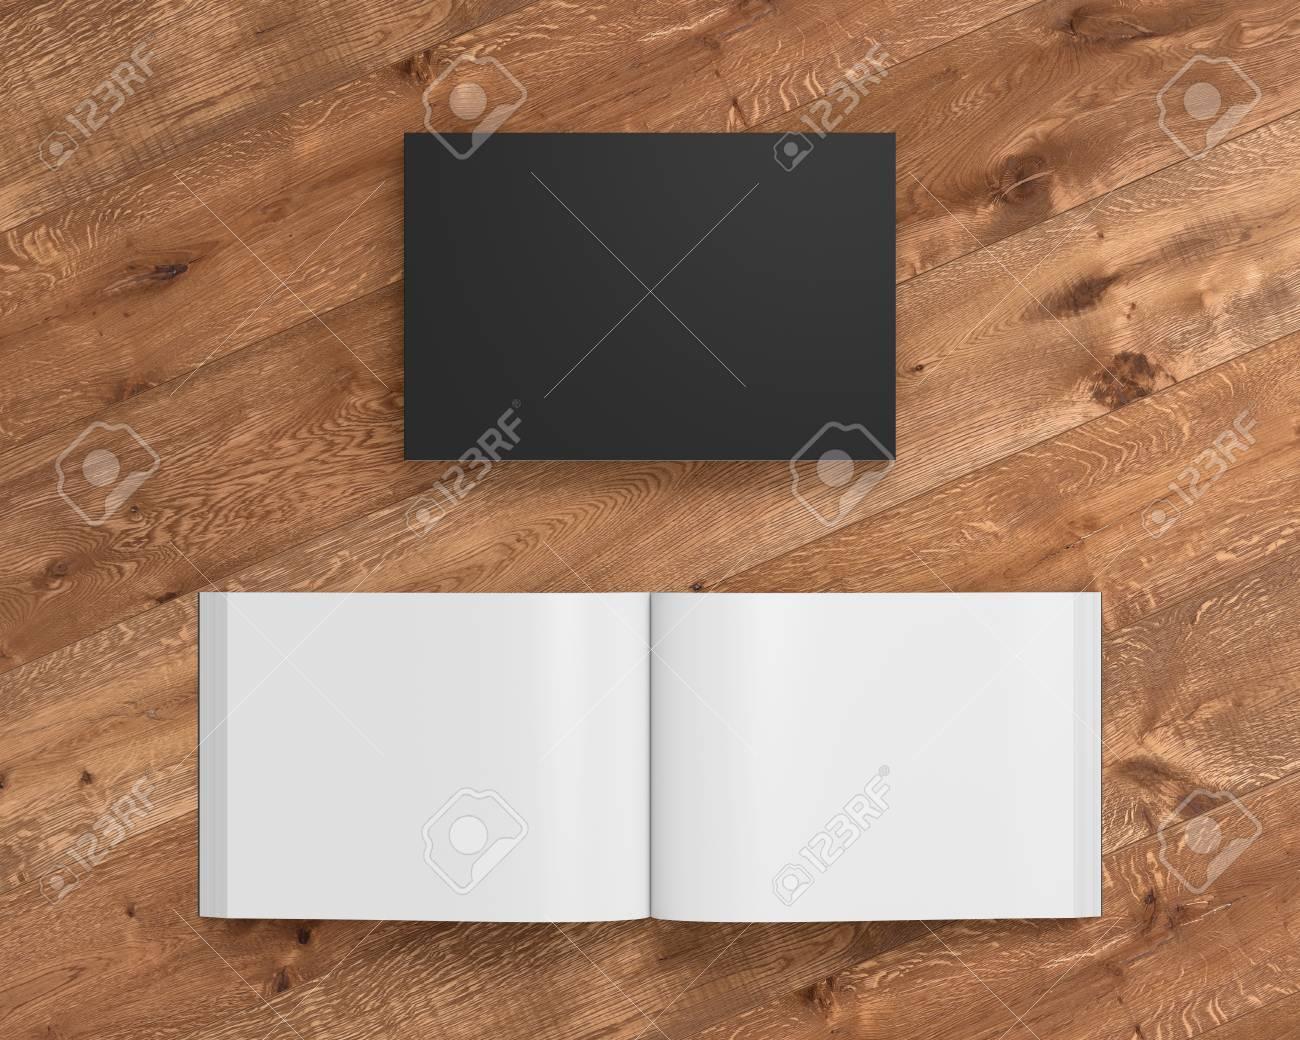 Livre De Couverture Souple De Paysage Noir Blanc Avec Papier Glace Sur Fond En Bois Ouvert Et Ferme Isole Avec Un Trace De Detourage Autour De